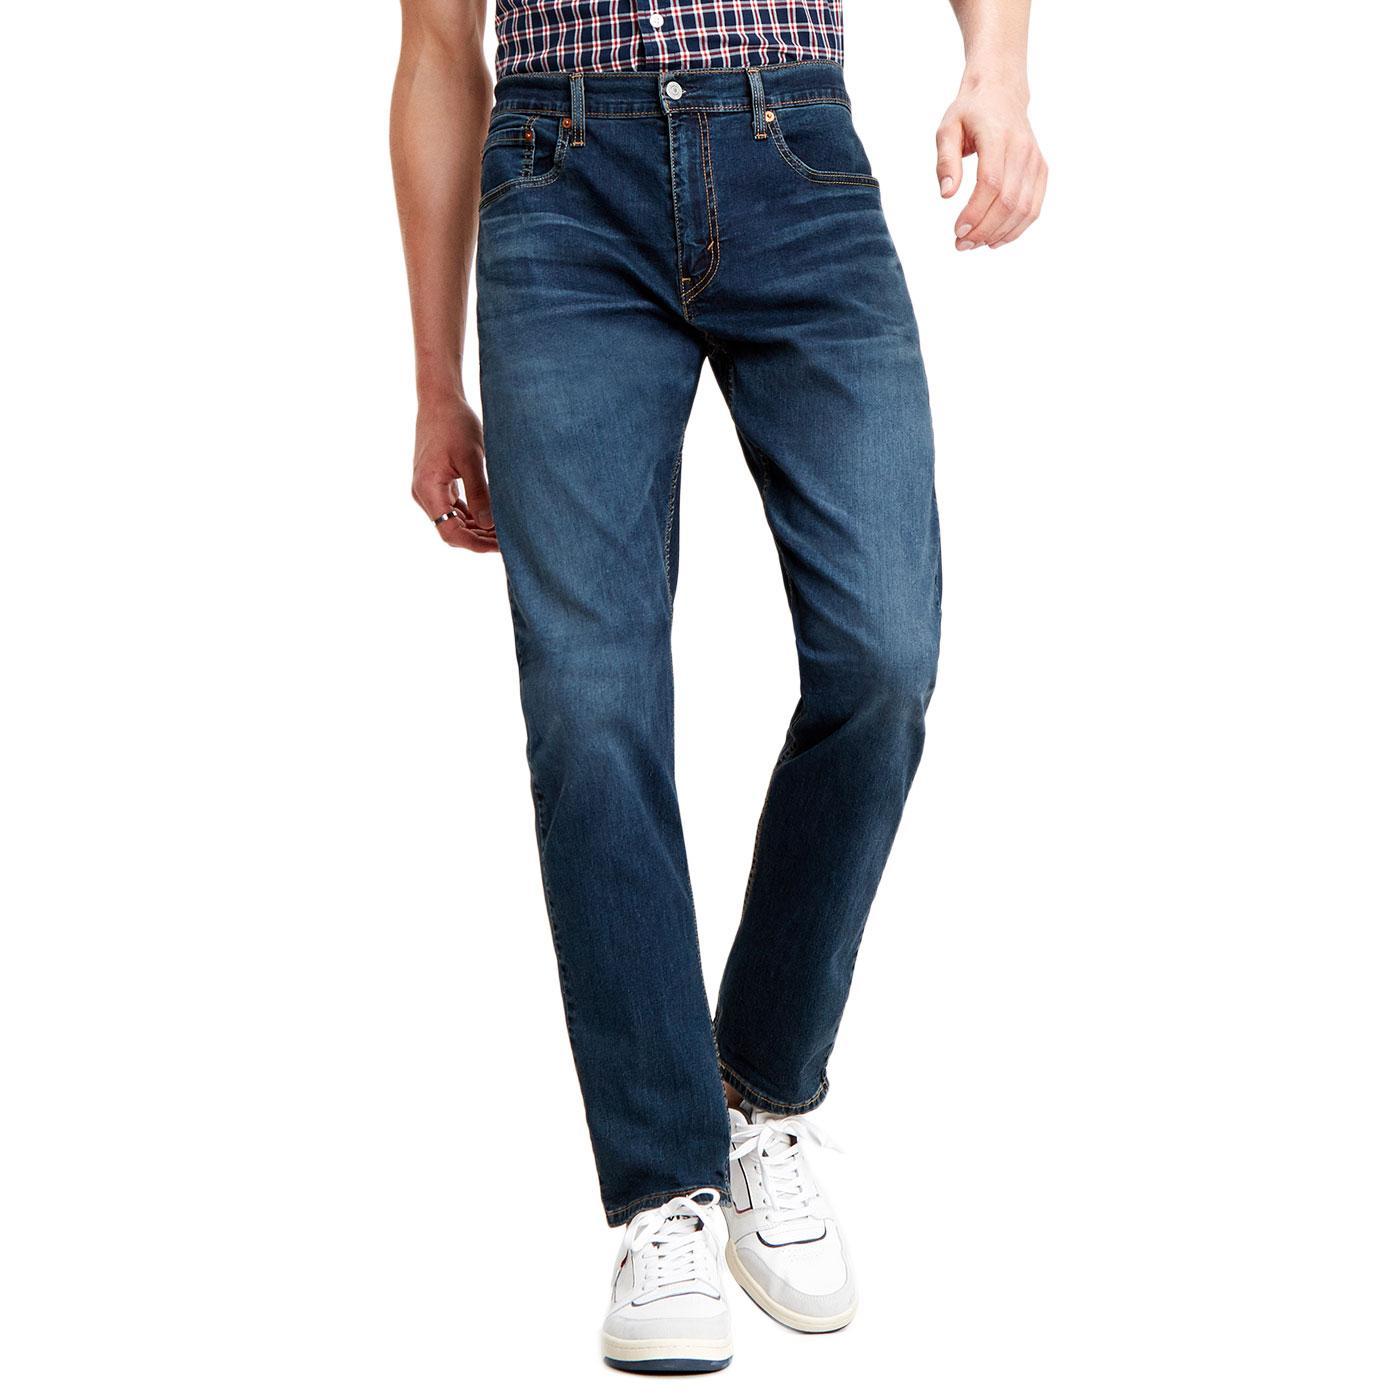 LEVI'S 502 Regular Taper Jeans (Swanee Swamp Cool)